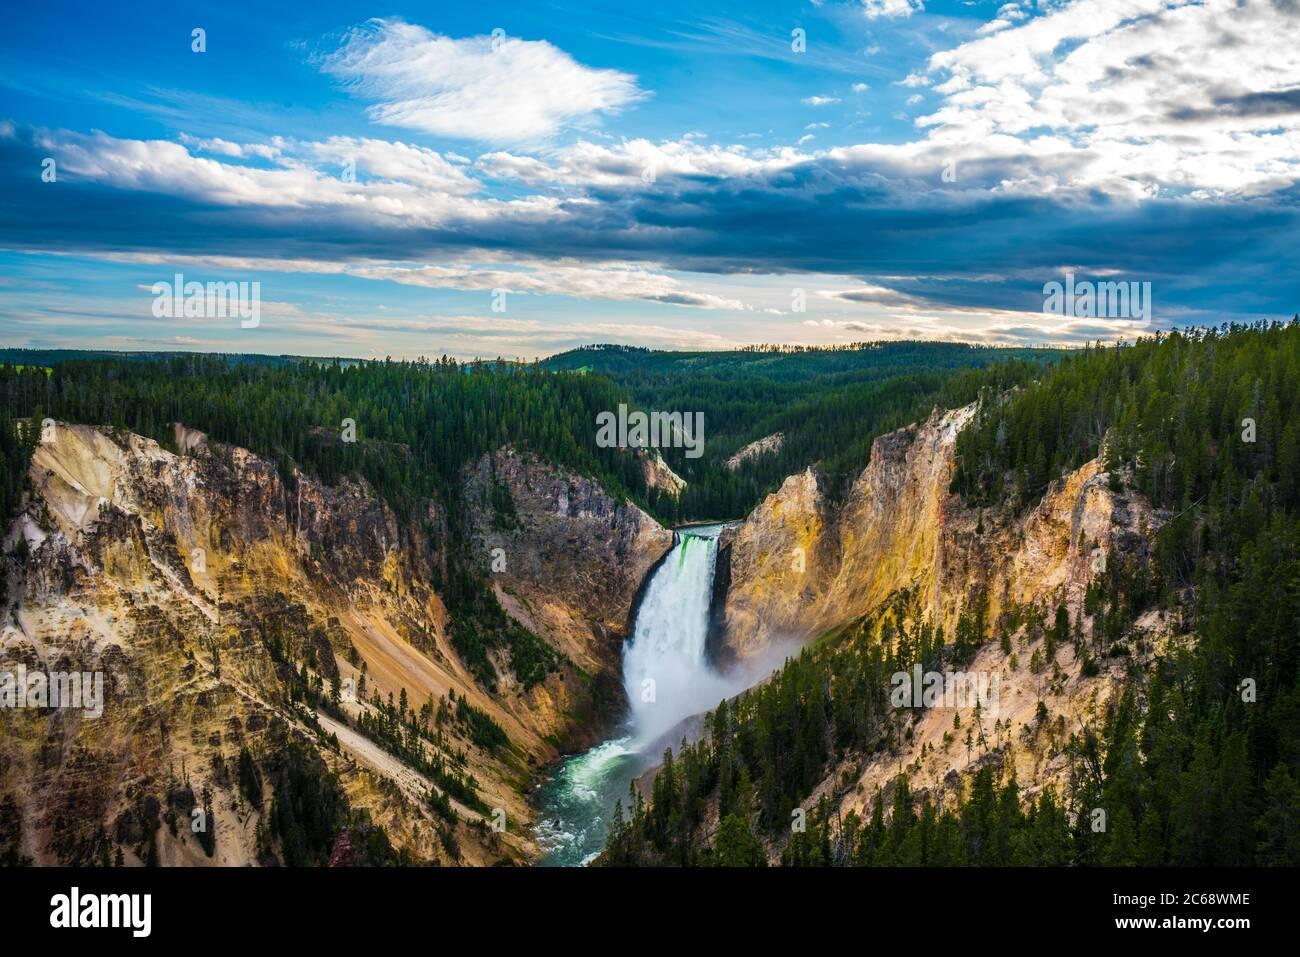 La caída más baja en el Parque Nacional Yellowstone, Wyoming, EE.UU. Foto de stock